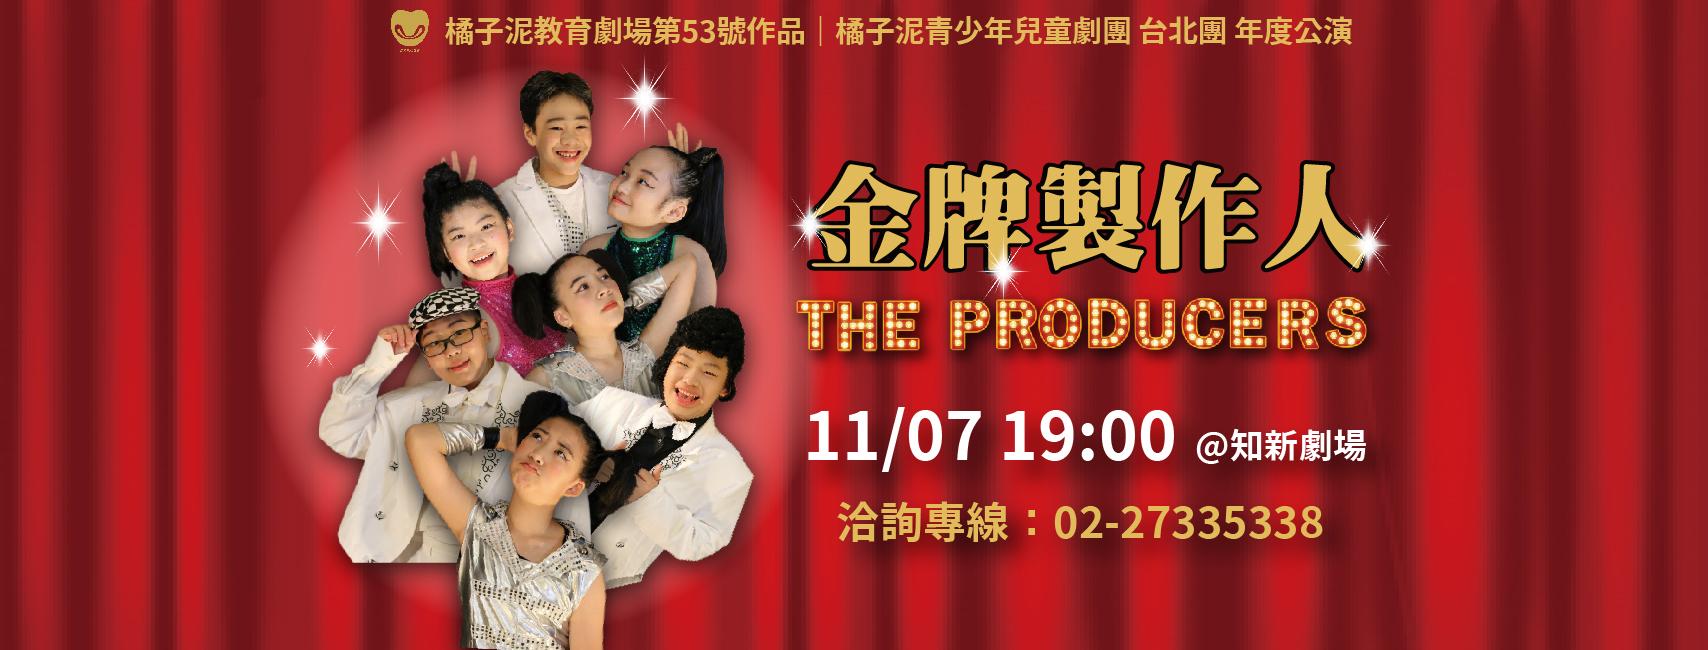 橘子泥青少年兒童劇團台北團 2021新戲「金牌製作人 The Producers」